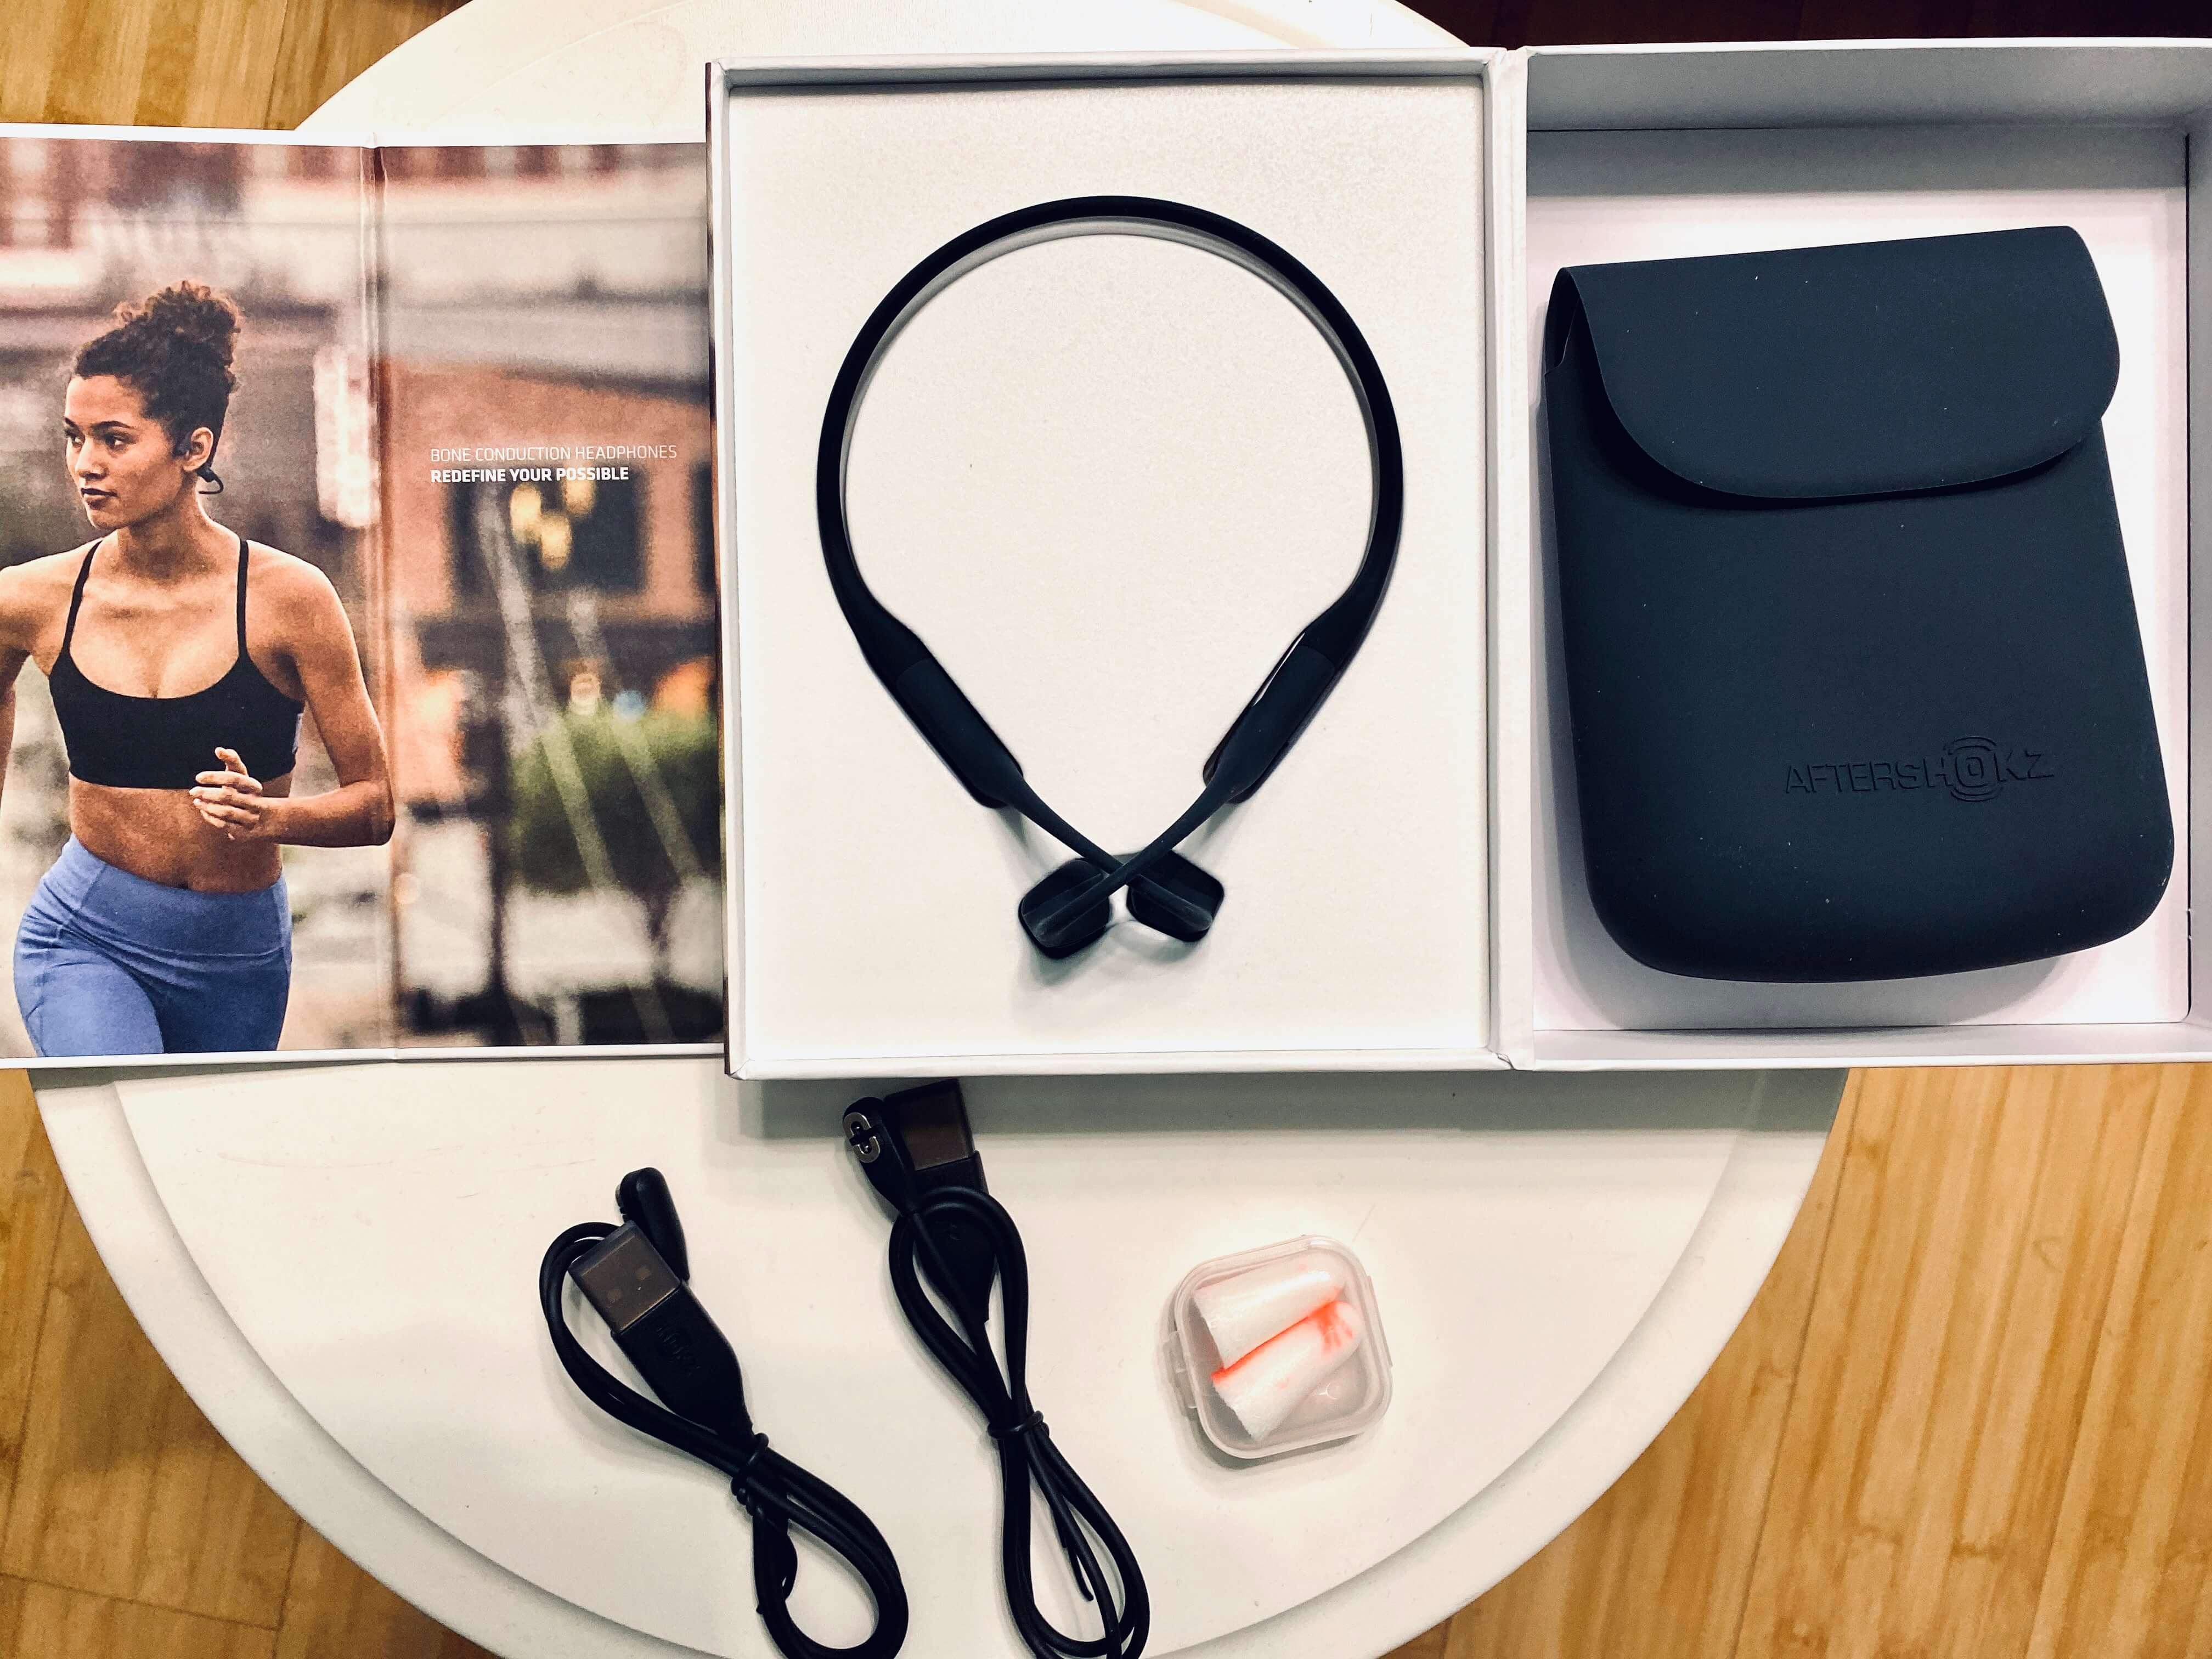 同时满足的你运动和日用需求:韶音 Aeropex 骨传导蓝牙耳机体验